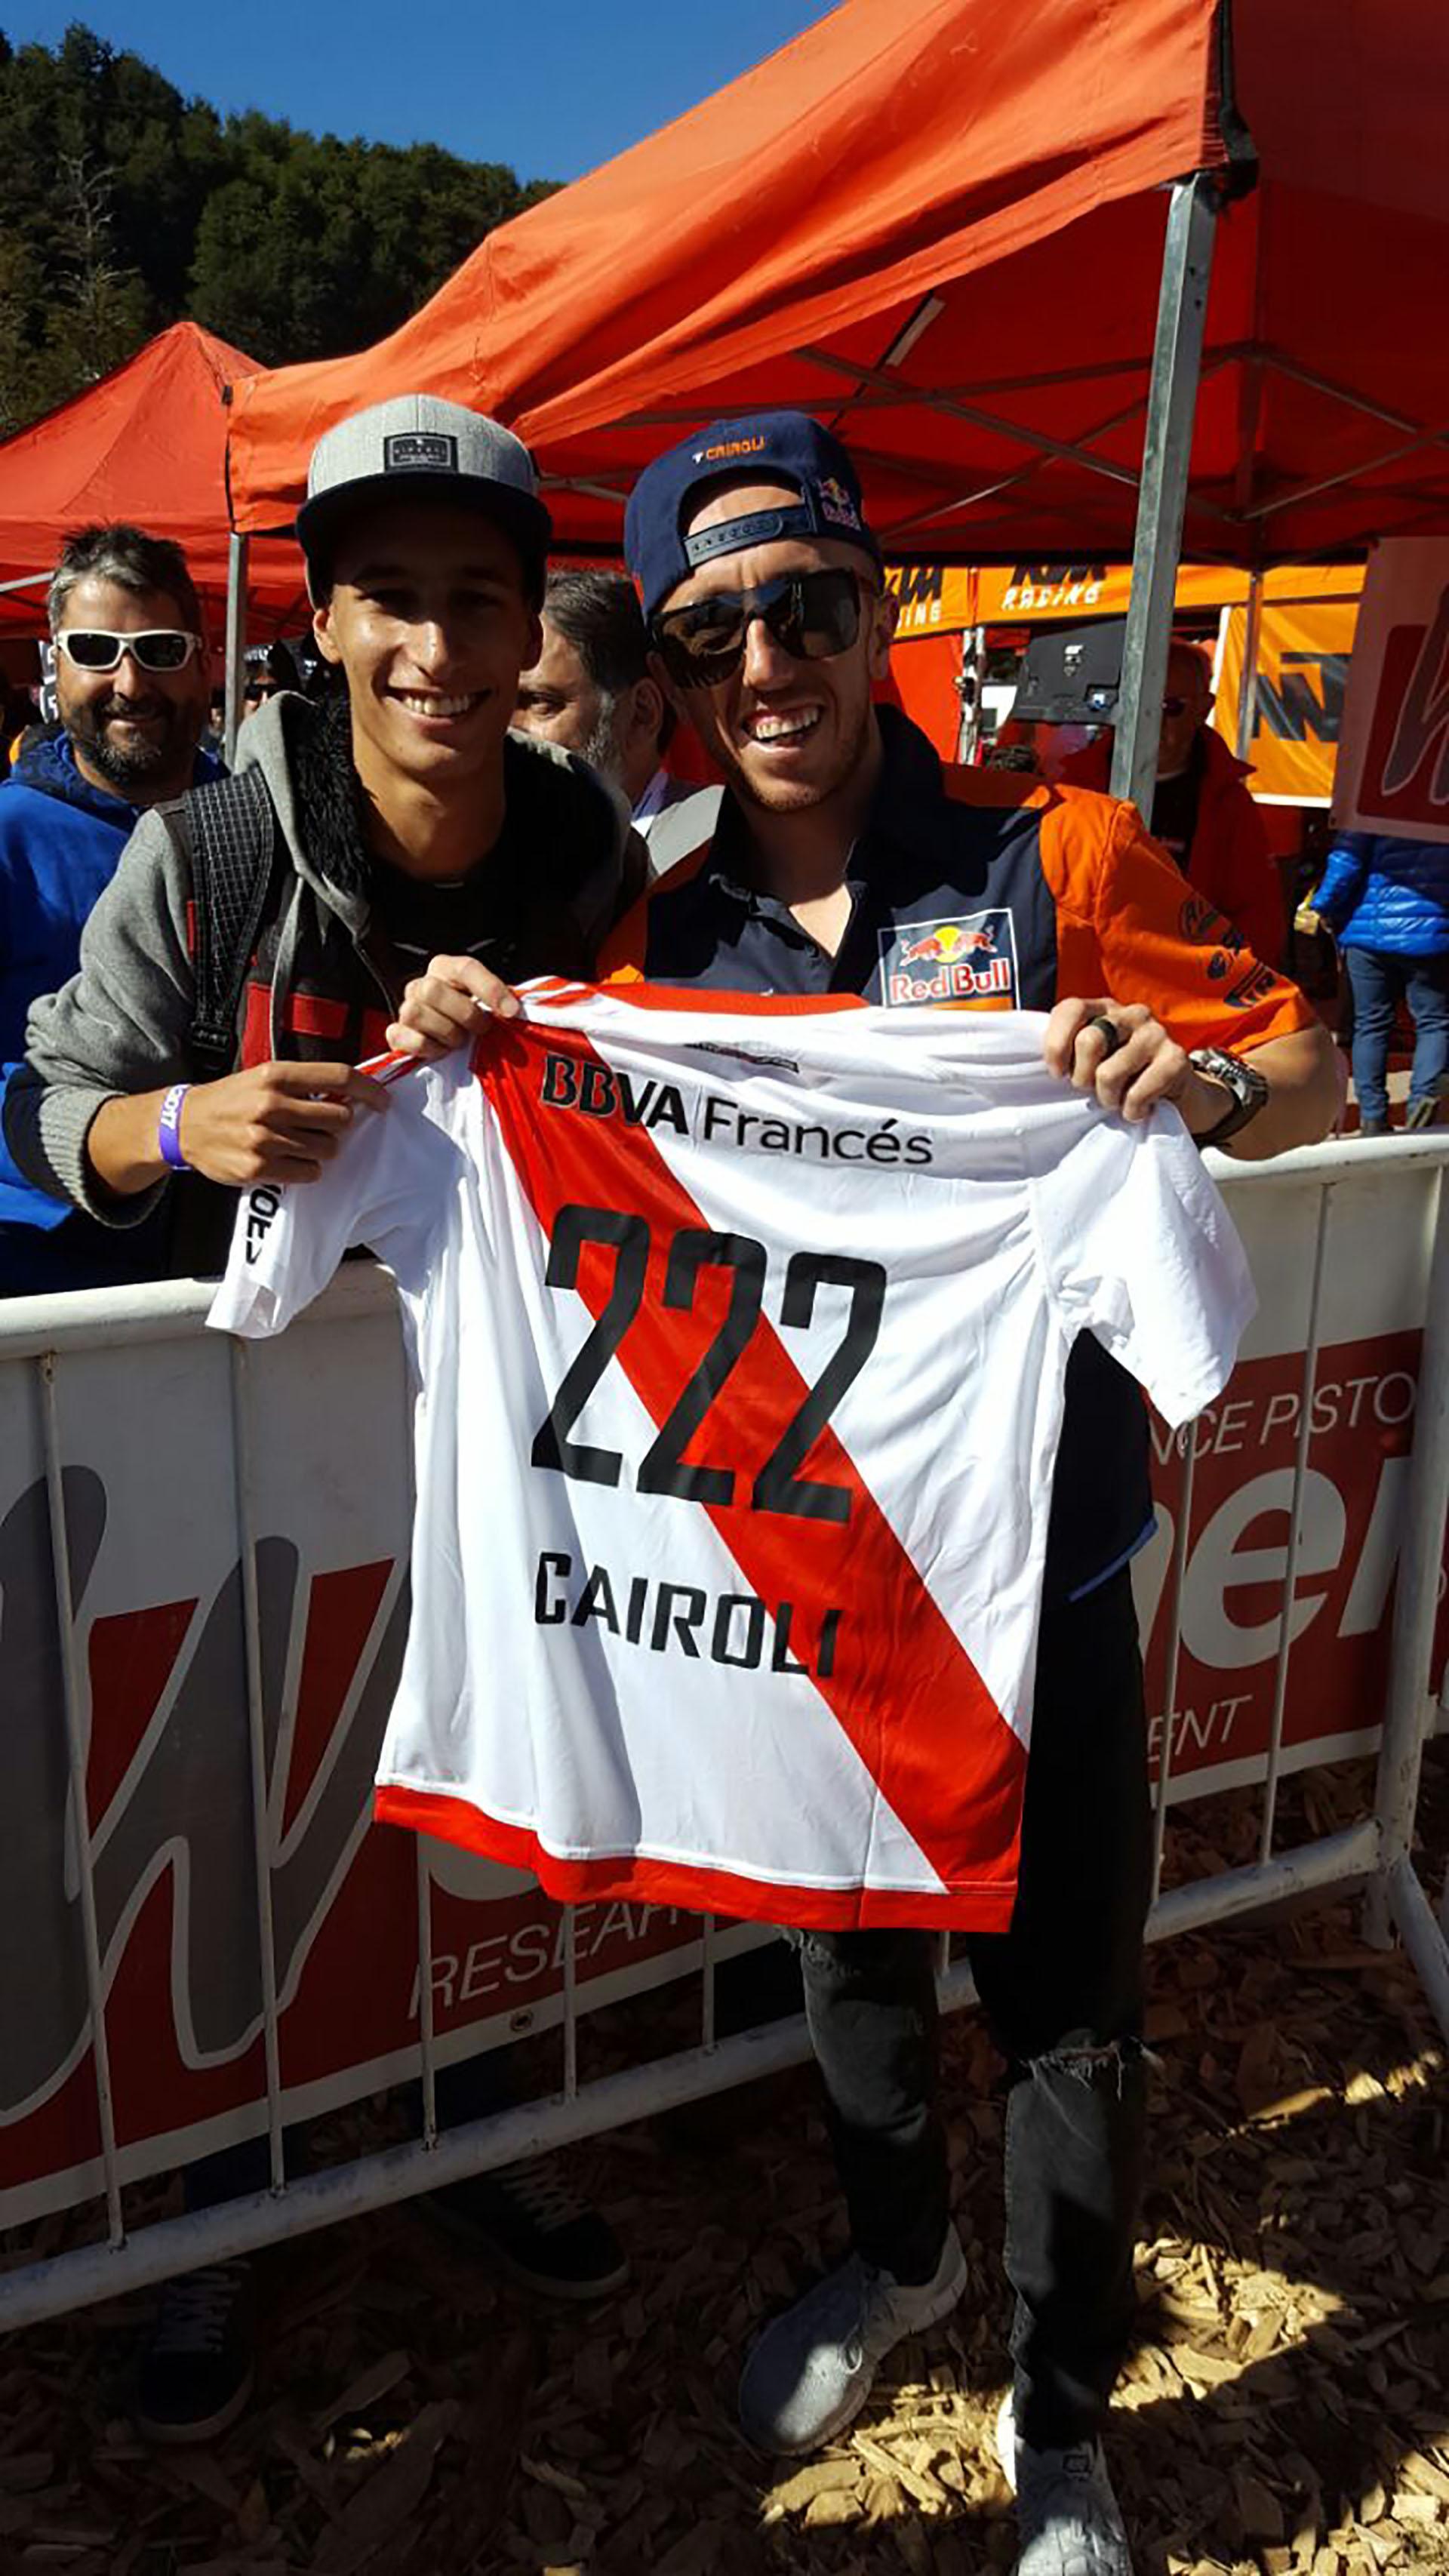 Un fanático de River, llamado Agustín Rodríguez Albert, le regaló su camiseta al italiano Tony Cairoli